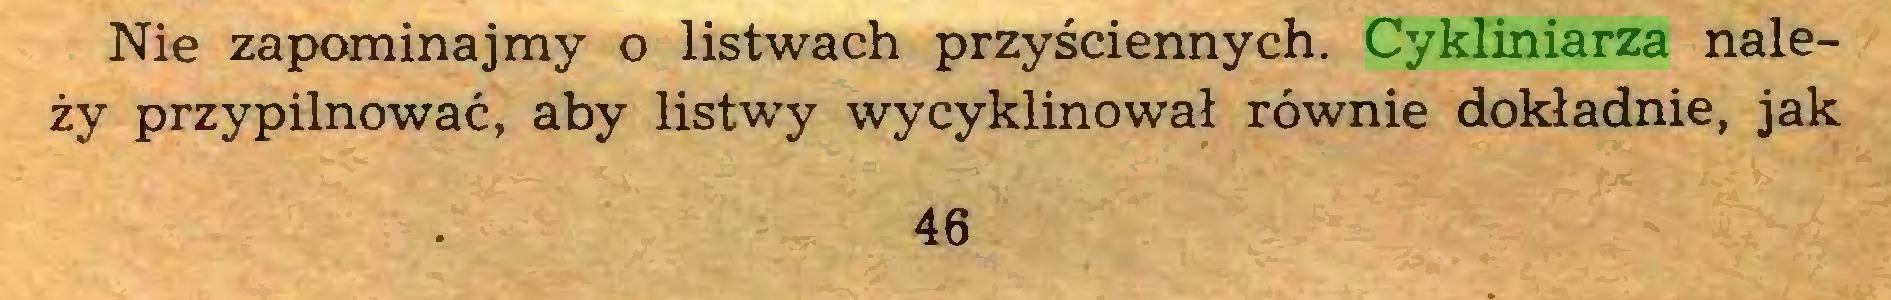 (...) Nie zapominajmy o listwach przyściennych. Cykliniarza należy przypilnować, aby listwy wycyklinował równie dokładnie, jak 46...